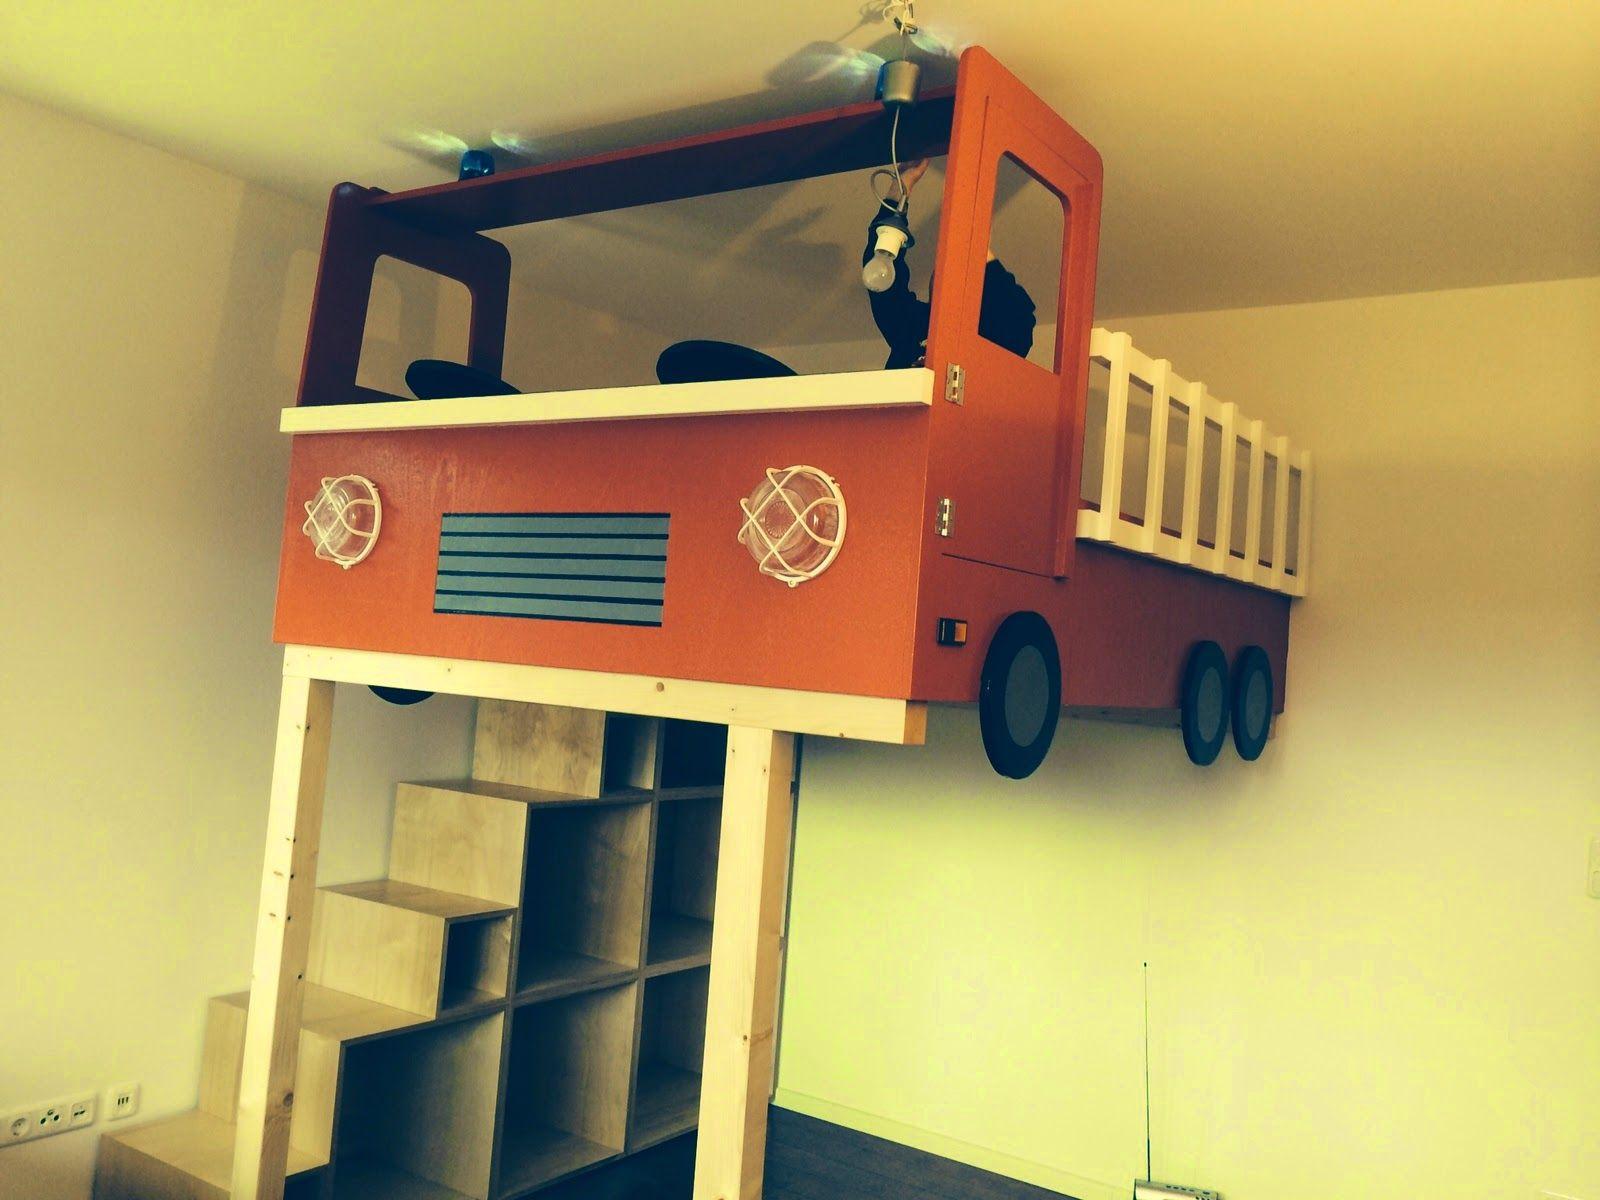 hochbett kinder selber bauen. Black Bedroom Furniture Sets. Home Design Ideas